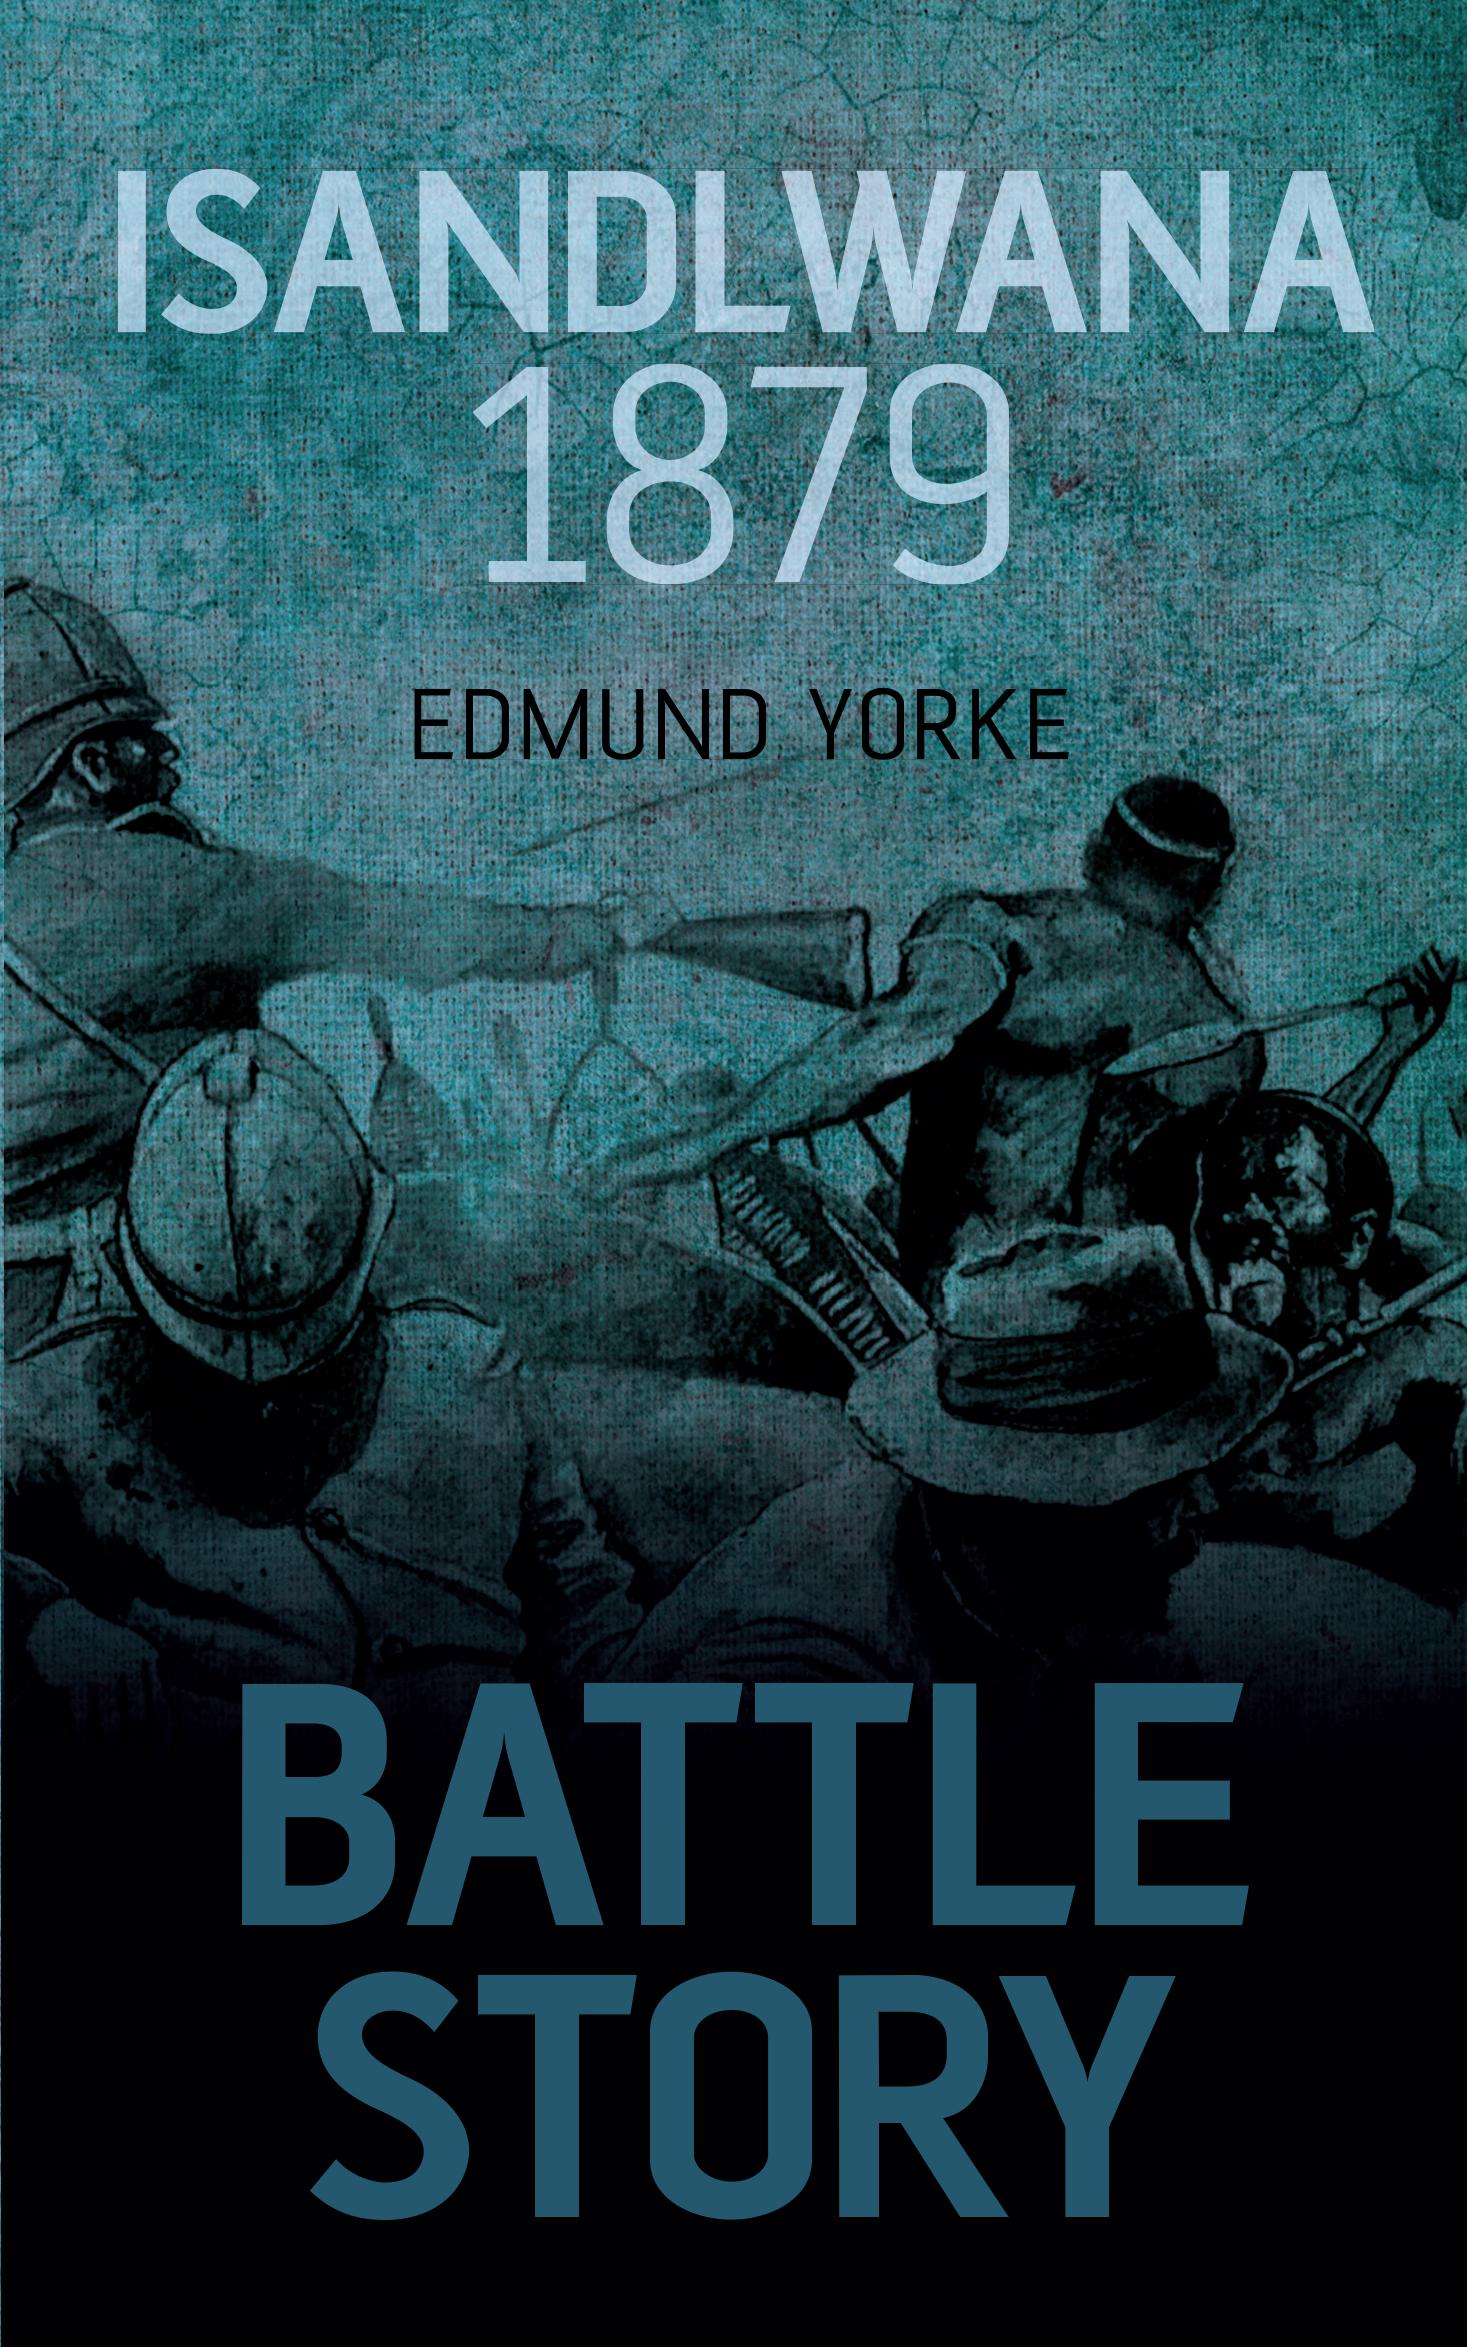 Isandlwana 1879 Edmund Yorke